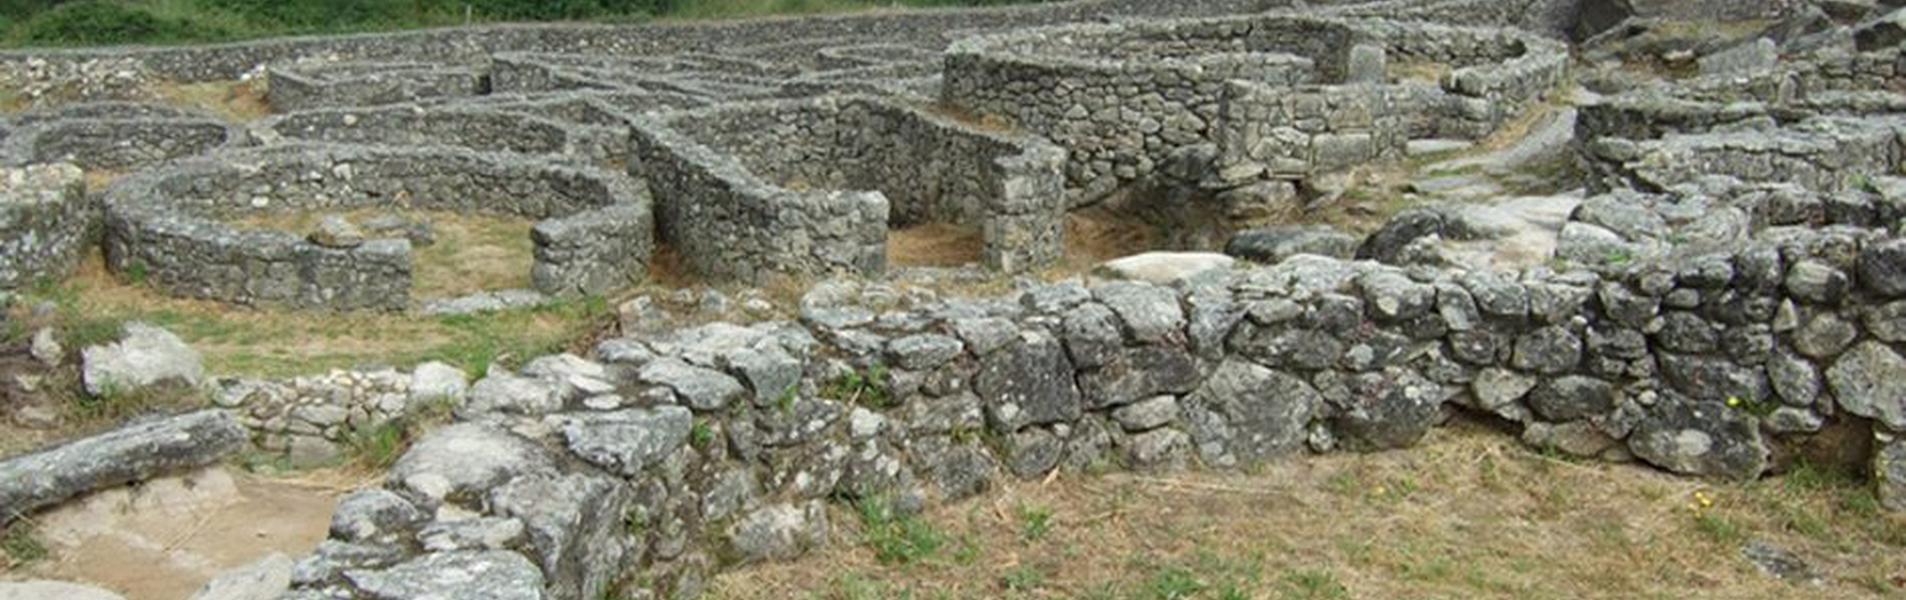 Museo Arqueológico del Monte de Santa Trega